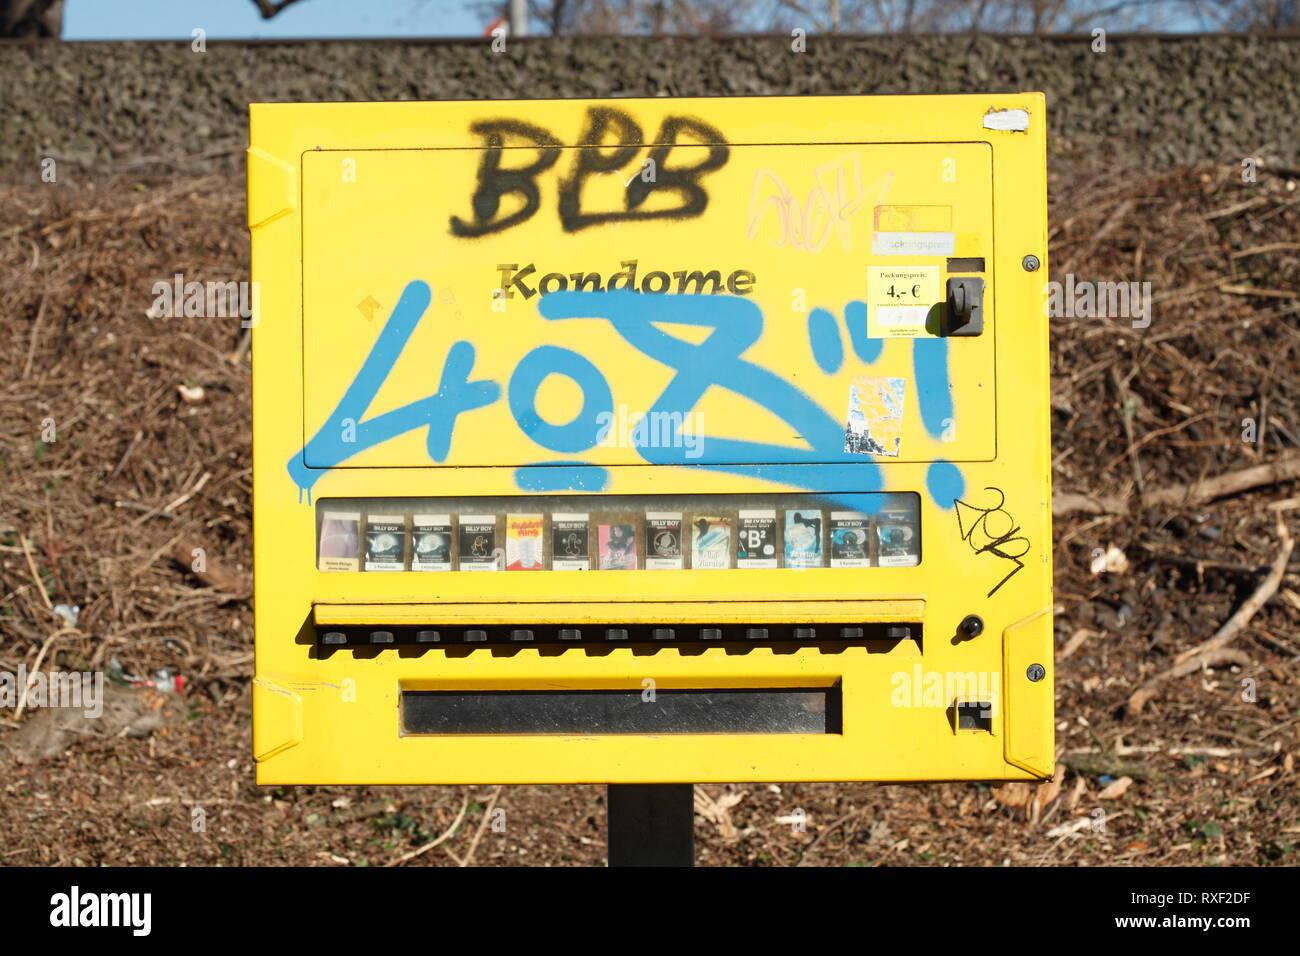 Der nähe in kondomautomat Raststätten Autobahnen